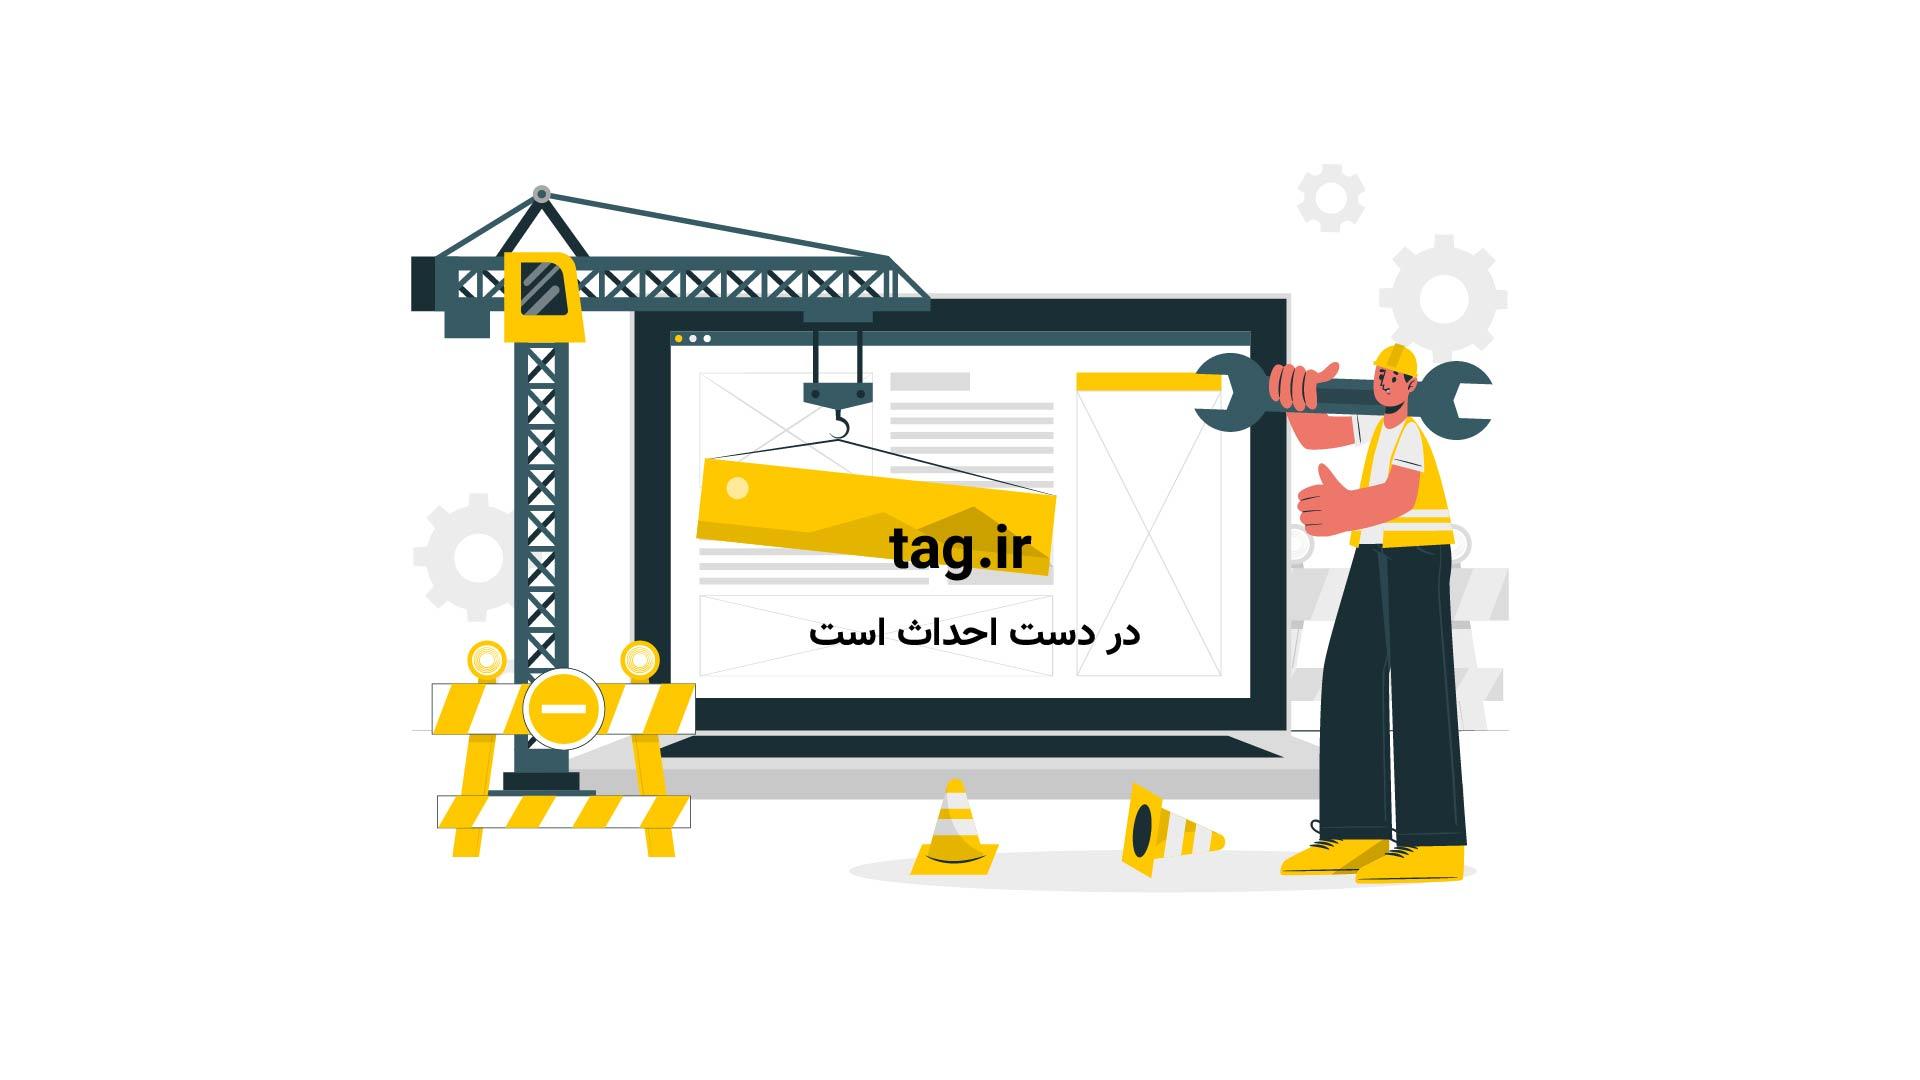 عروسک های سیلیکونی آواتار | فیلم